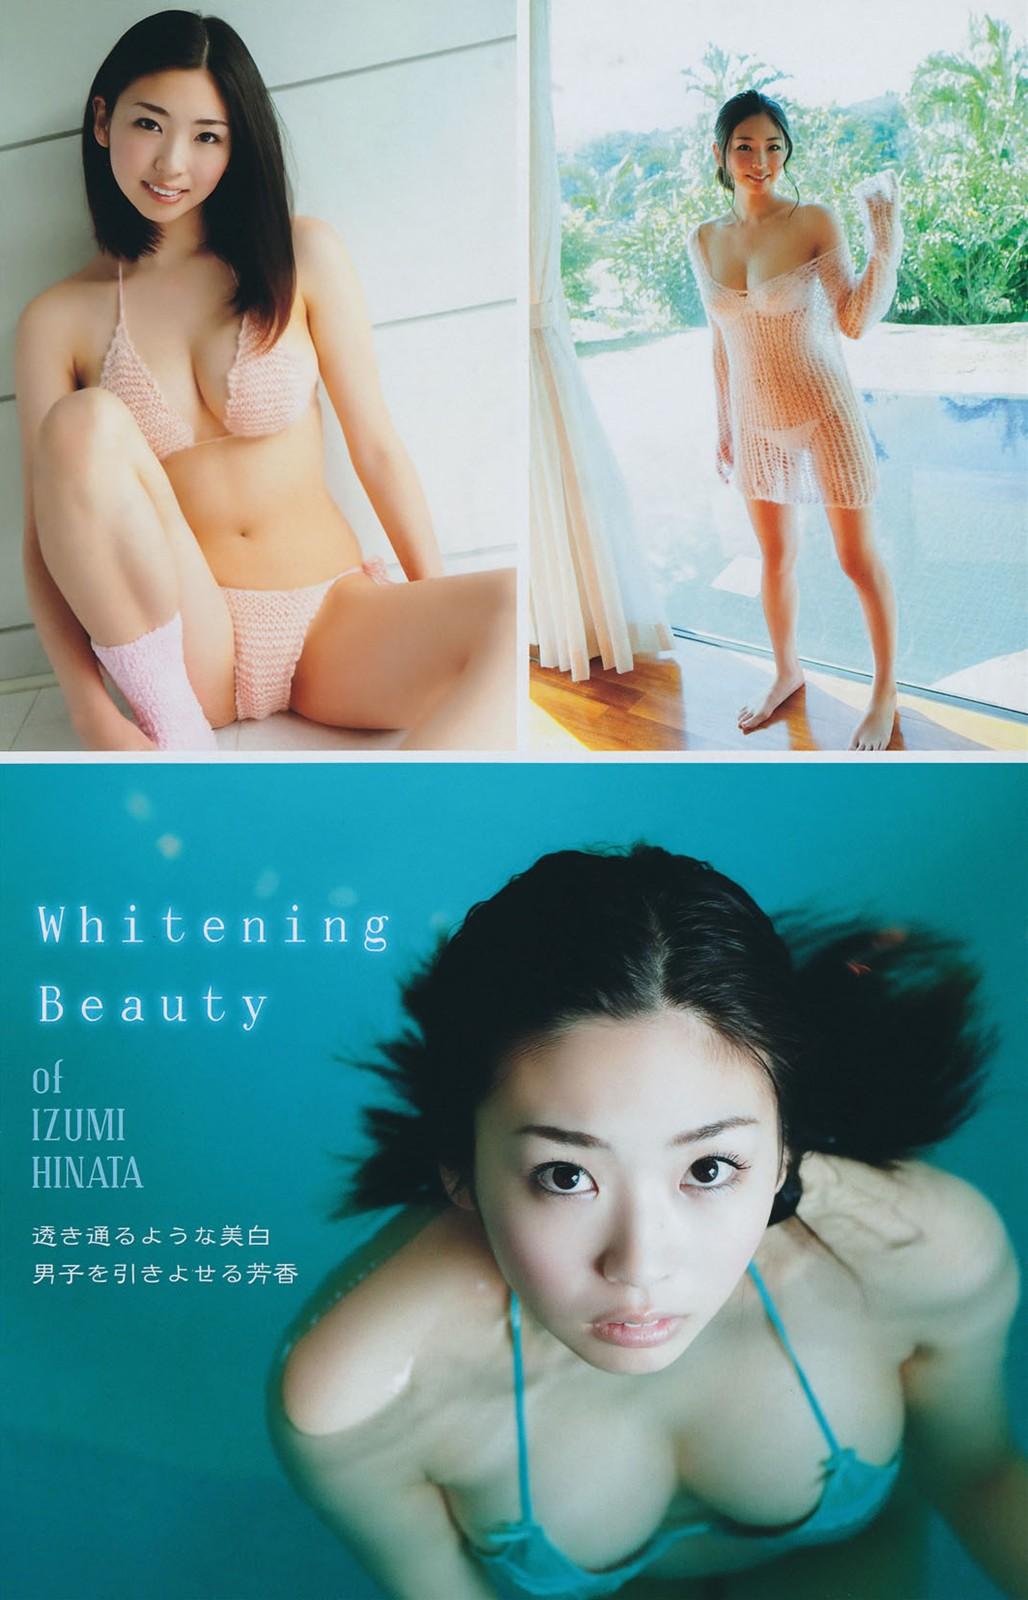 ミスマガジン2010の日向泉が白い肌が透き通るような丸裸のセミヌードを披露画像9